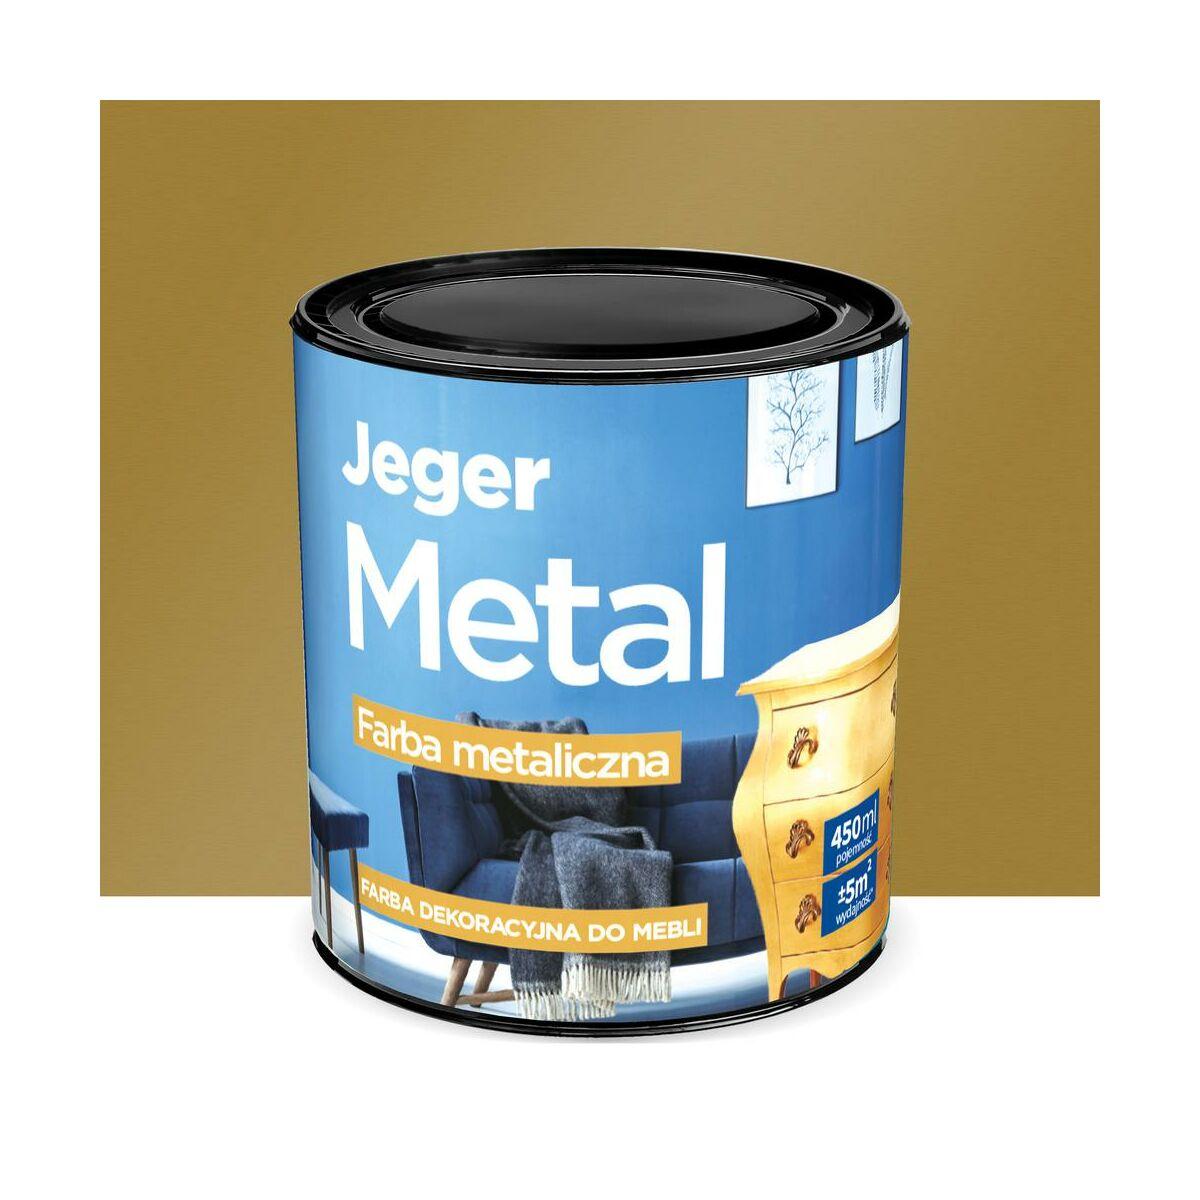 Farba Do Mebli Metal 0 45 L Stare Zloto Metaliczna Jeger Farby Do Drewna I Mebli W Atrakcyjnej Cenie W Sklepach Leroy Merlin